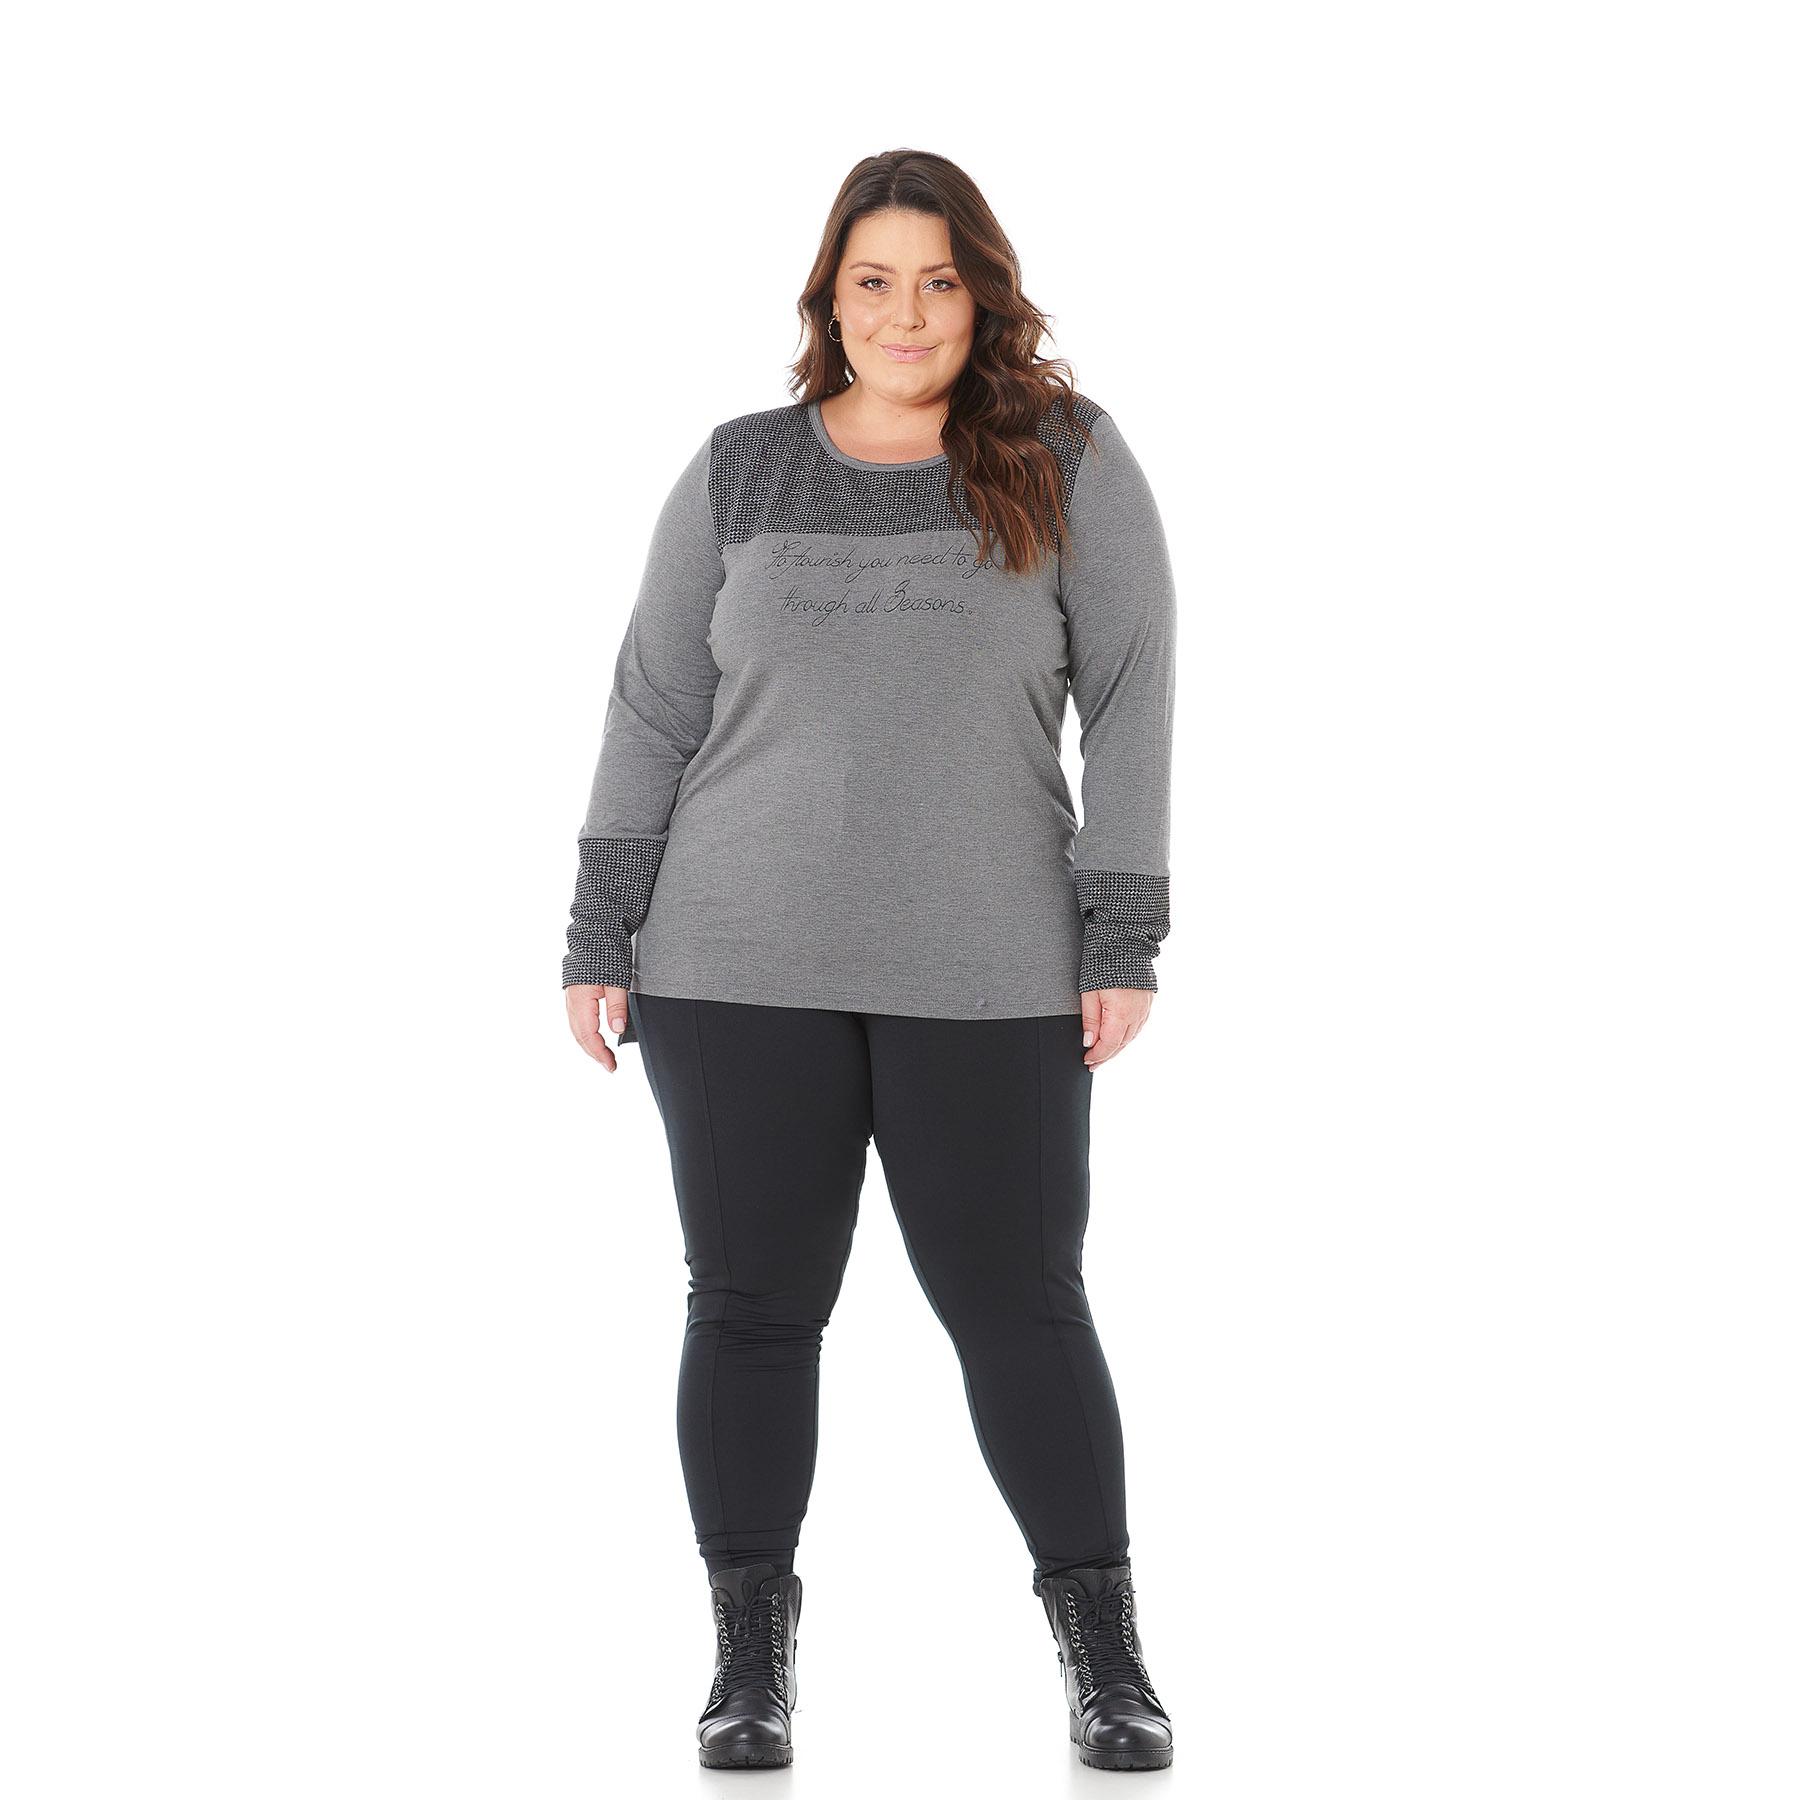 Blusa Feminina Plus Size detalhe Pe de Pule 103602